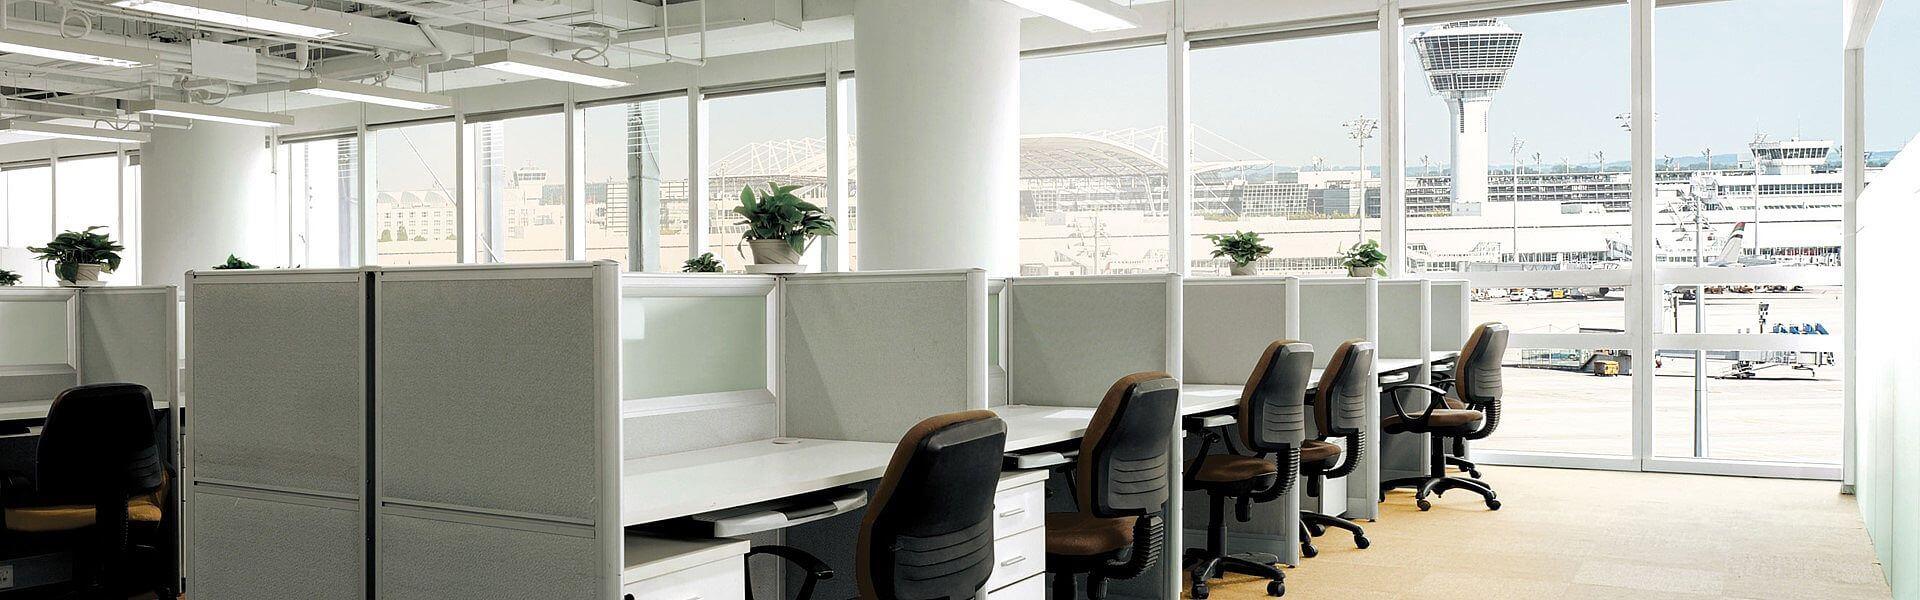 Business Services - Arbeitsplatz mit Blick auf Flughafen